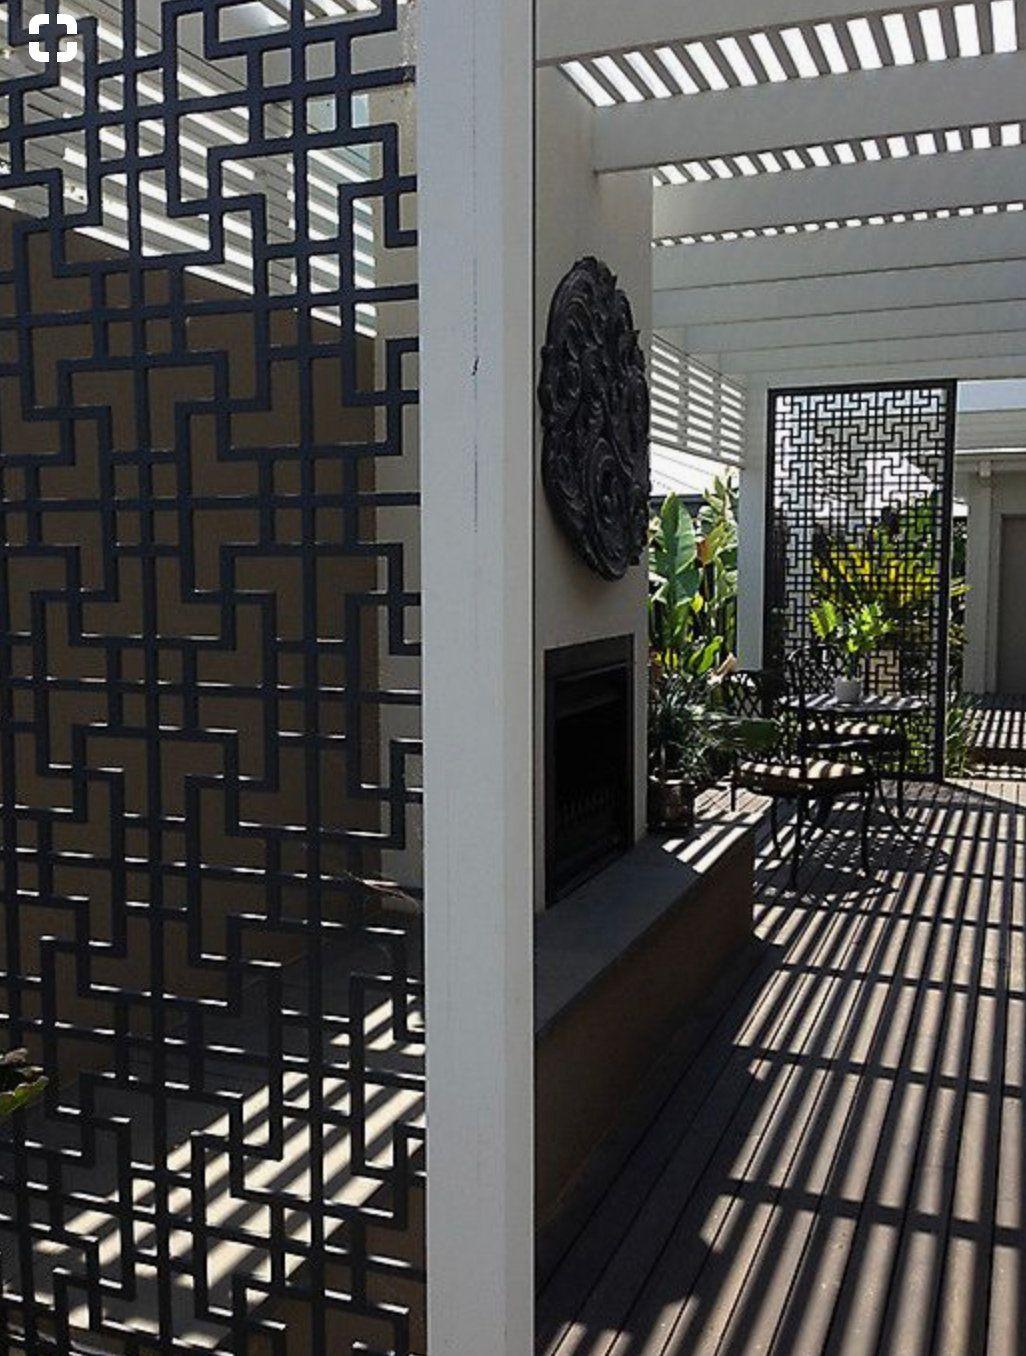 Outdoor Lattice Privacy Screen Lattice Privacy Screen Lattice Screen Pergola Outdoor Living